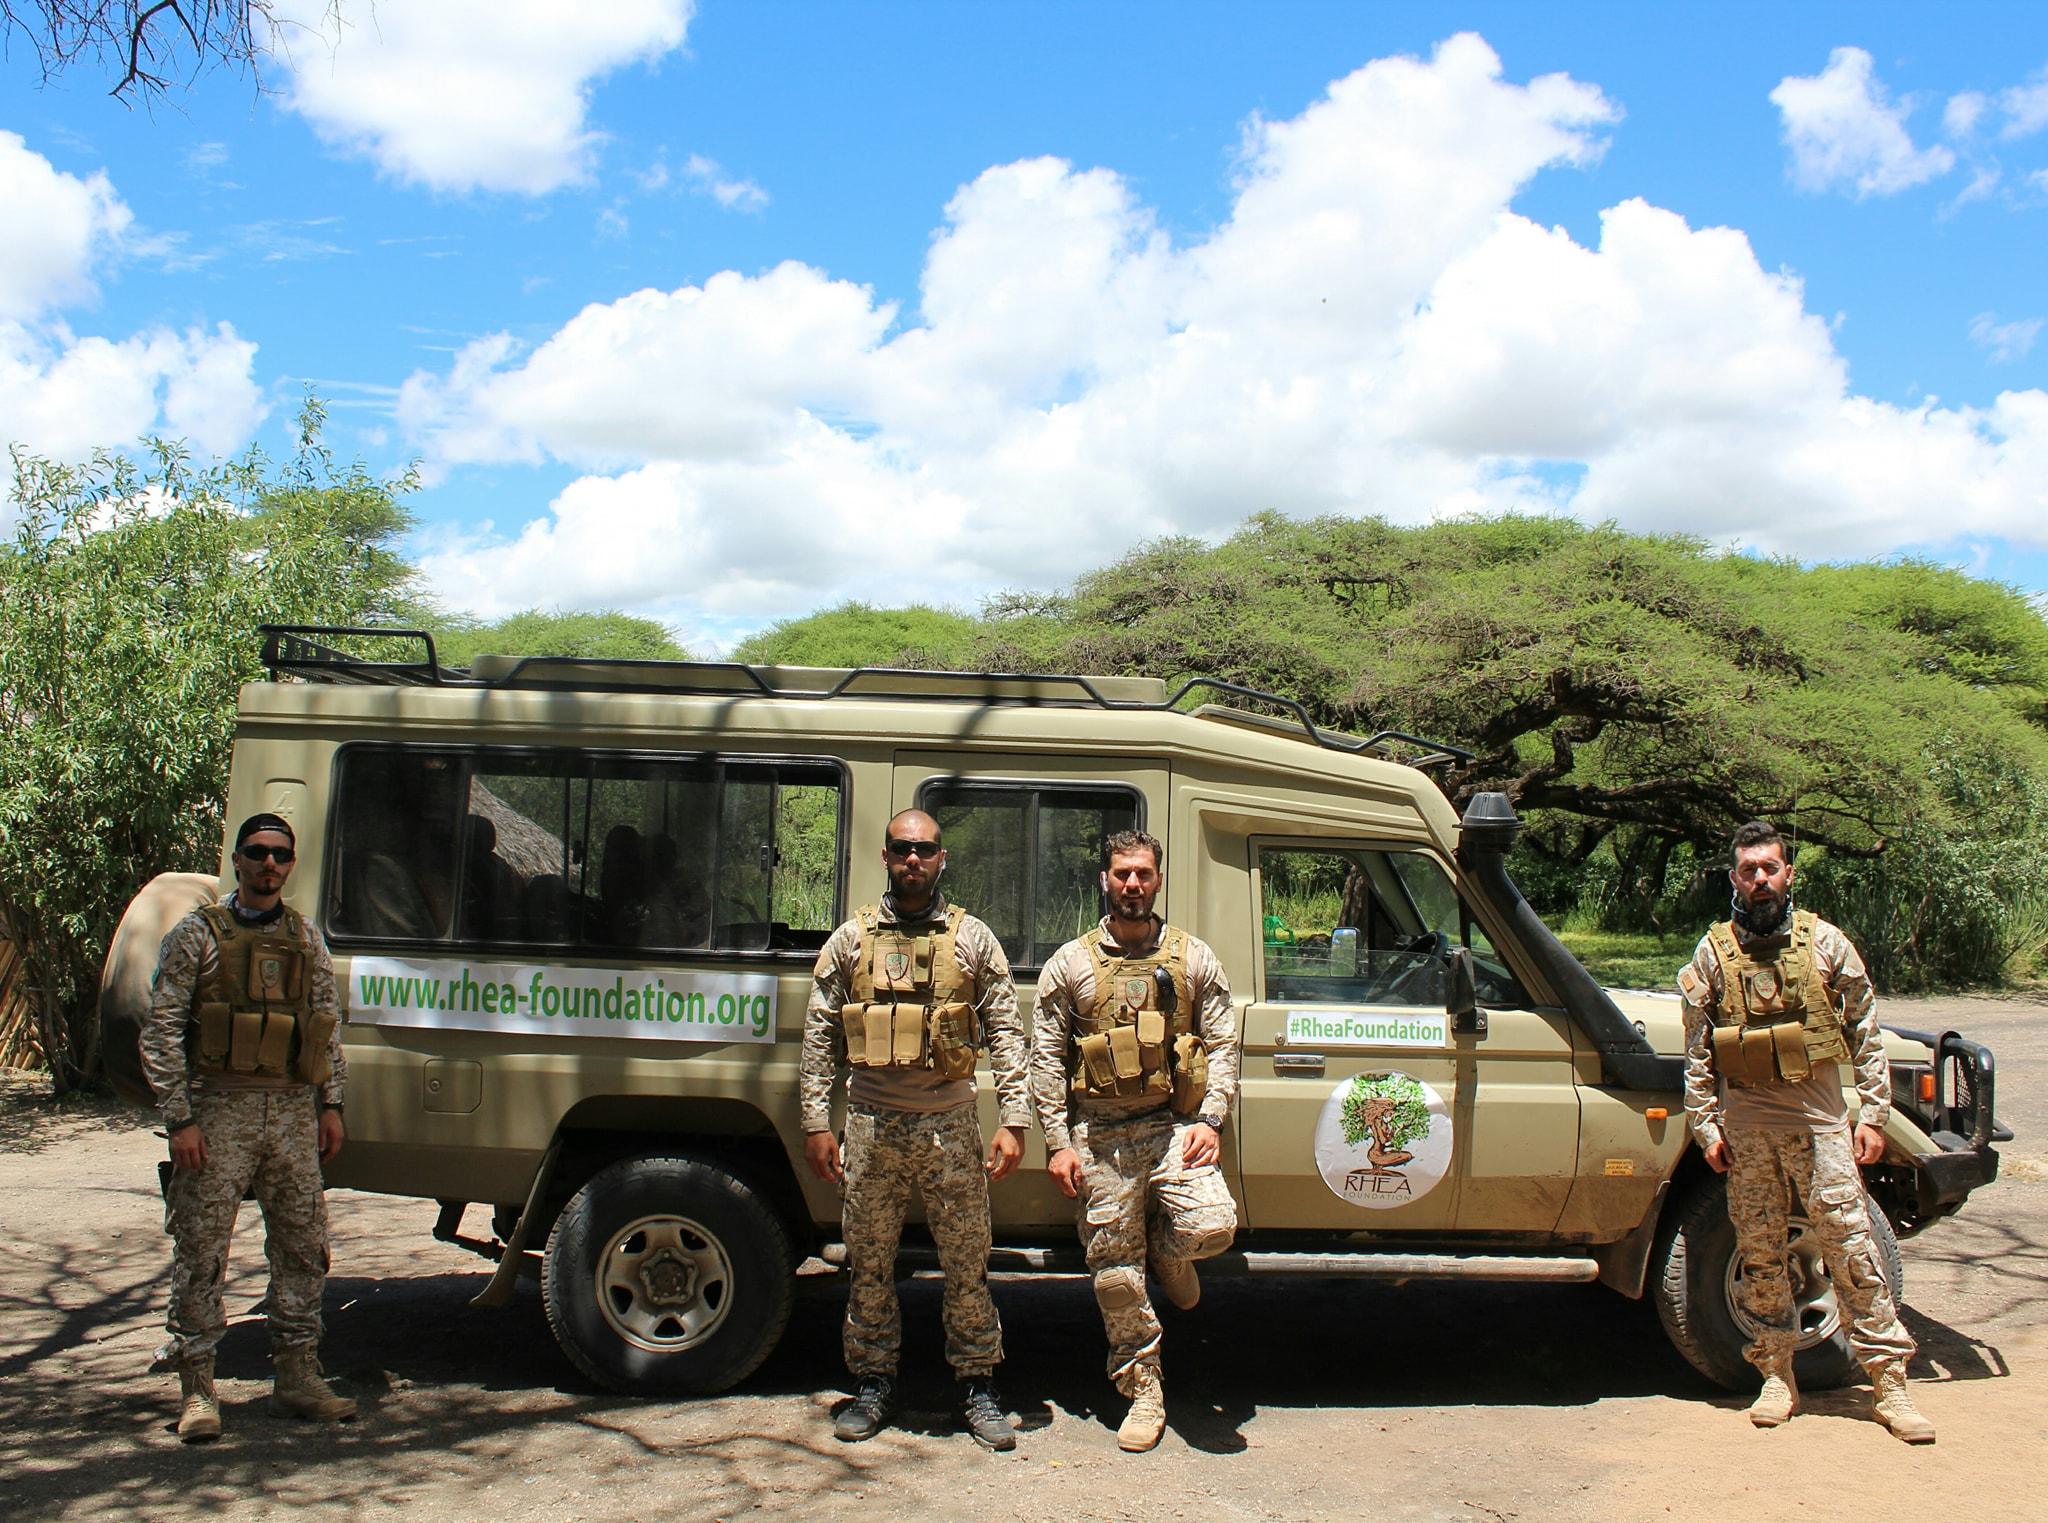 Τανζανία,   Αφρική - 28 Ιουλίου, 2019   Η βιωσιμότητα αφορά την προστασία των φυσικών μας πόρων προκειμένου να διατηρηθεί μια οικολογική ισορροπία.